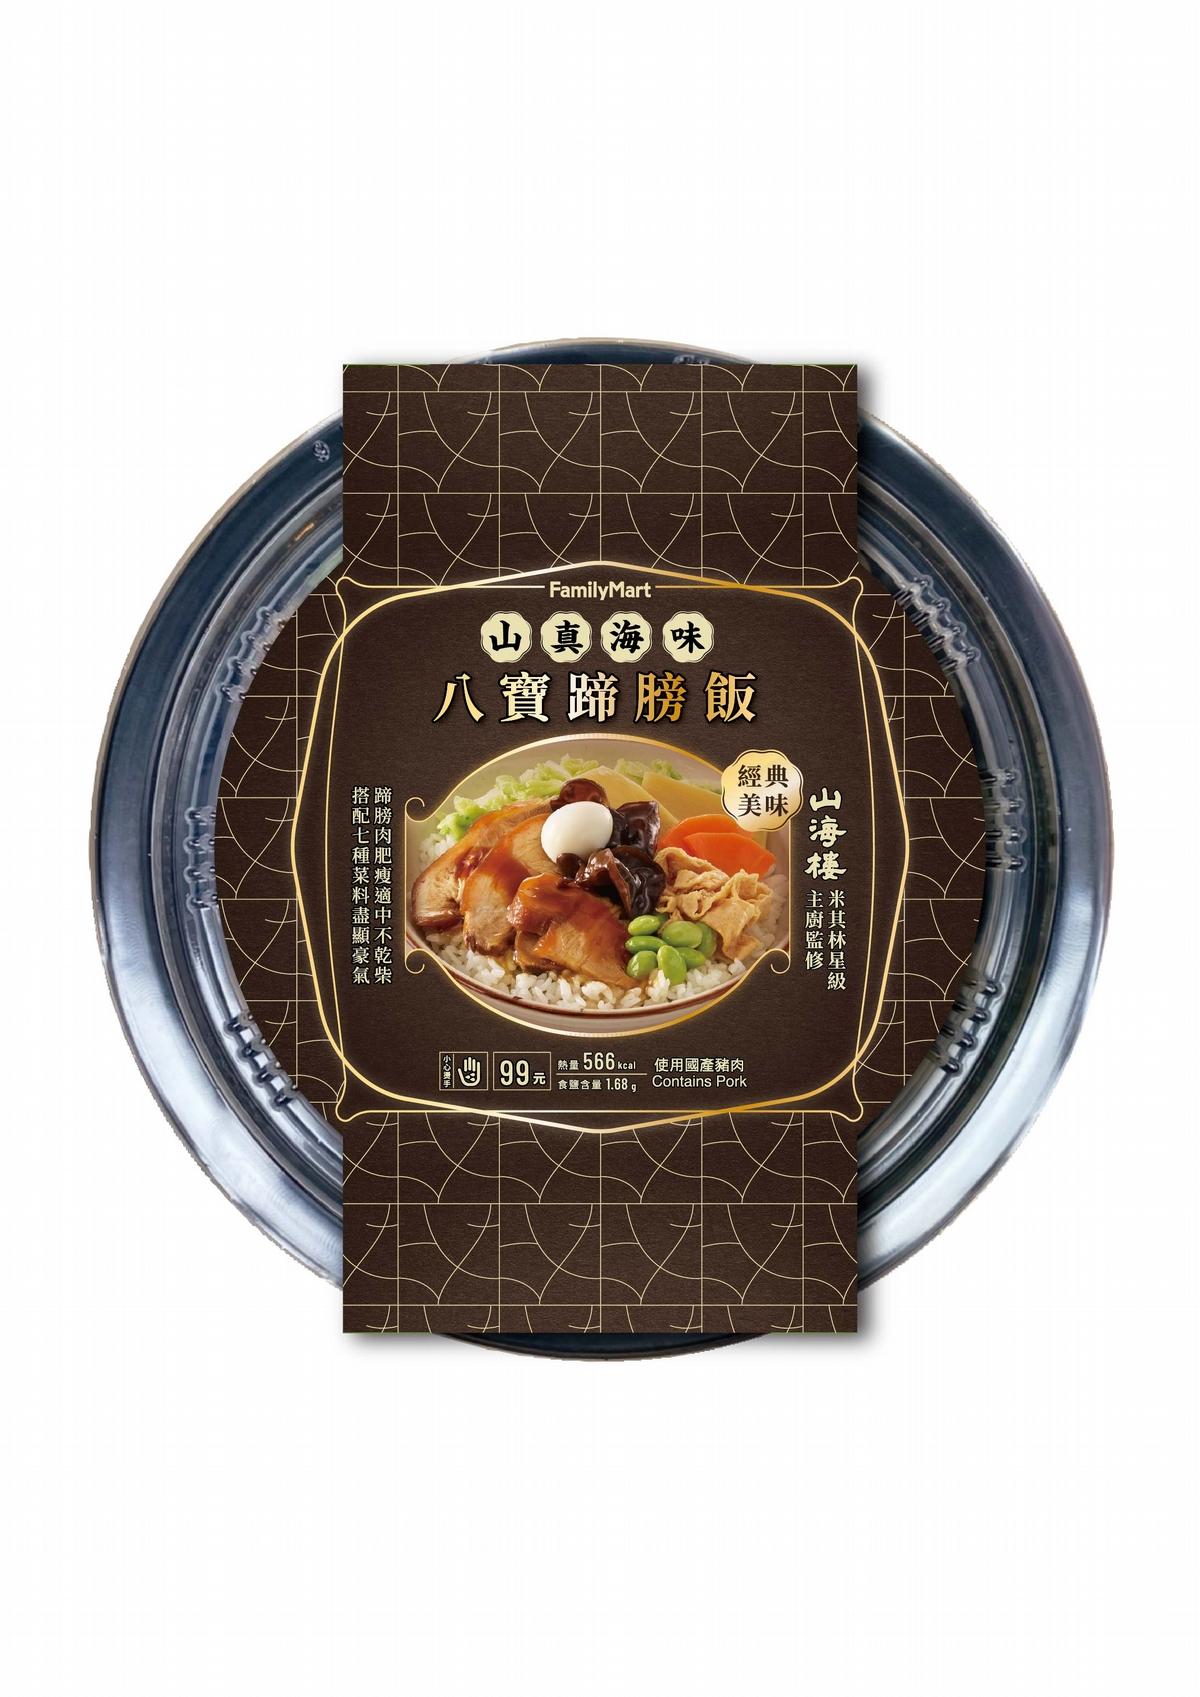 百元有找米其林台菜!「全家」X「山海樓」5款聯名商品「八寶蹄膀飯」、「黃金烏魚子炒飯」飄出滿滿年味